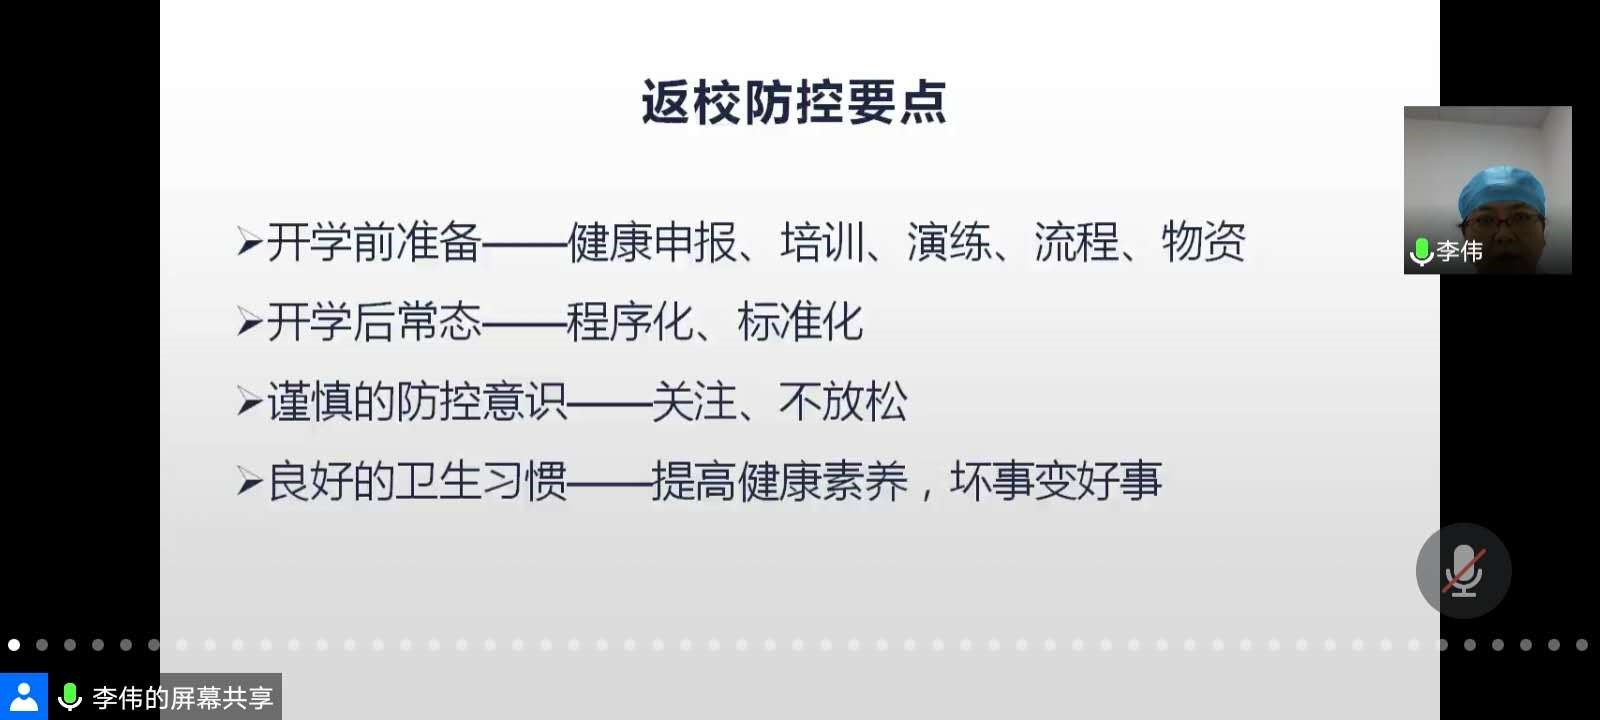 """澳门新葡新京网址举行""""新冠肺炎疫情返校复学防控指导""""线上讲座"""